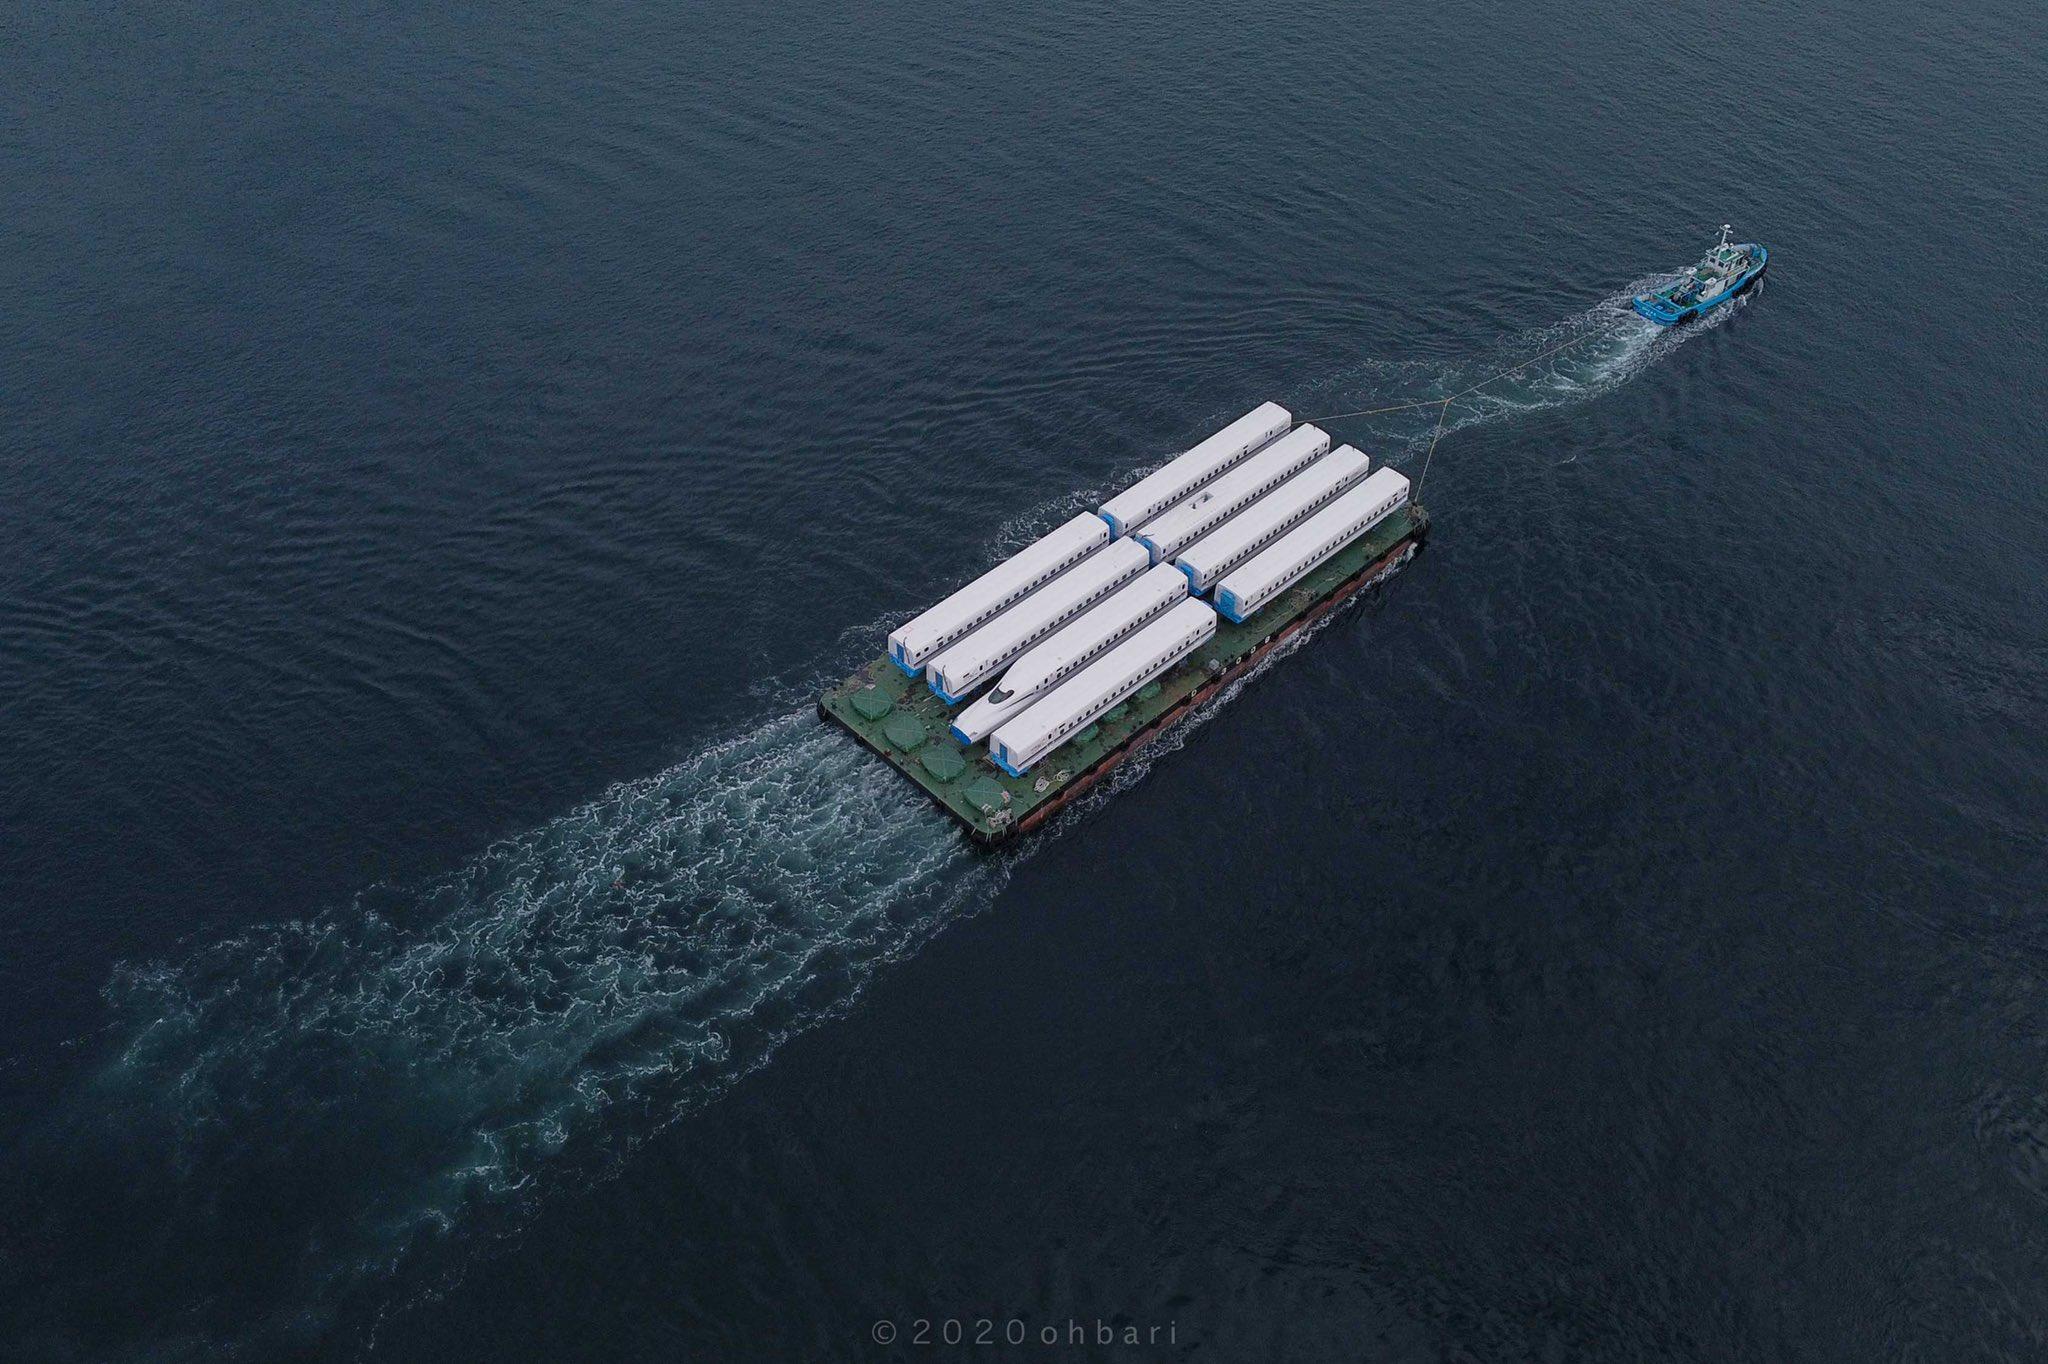 東海道新幹線N700S J10編成が海上輸送&陸送 2020年度最後の増備